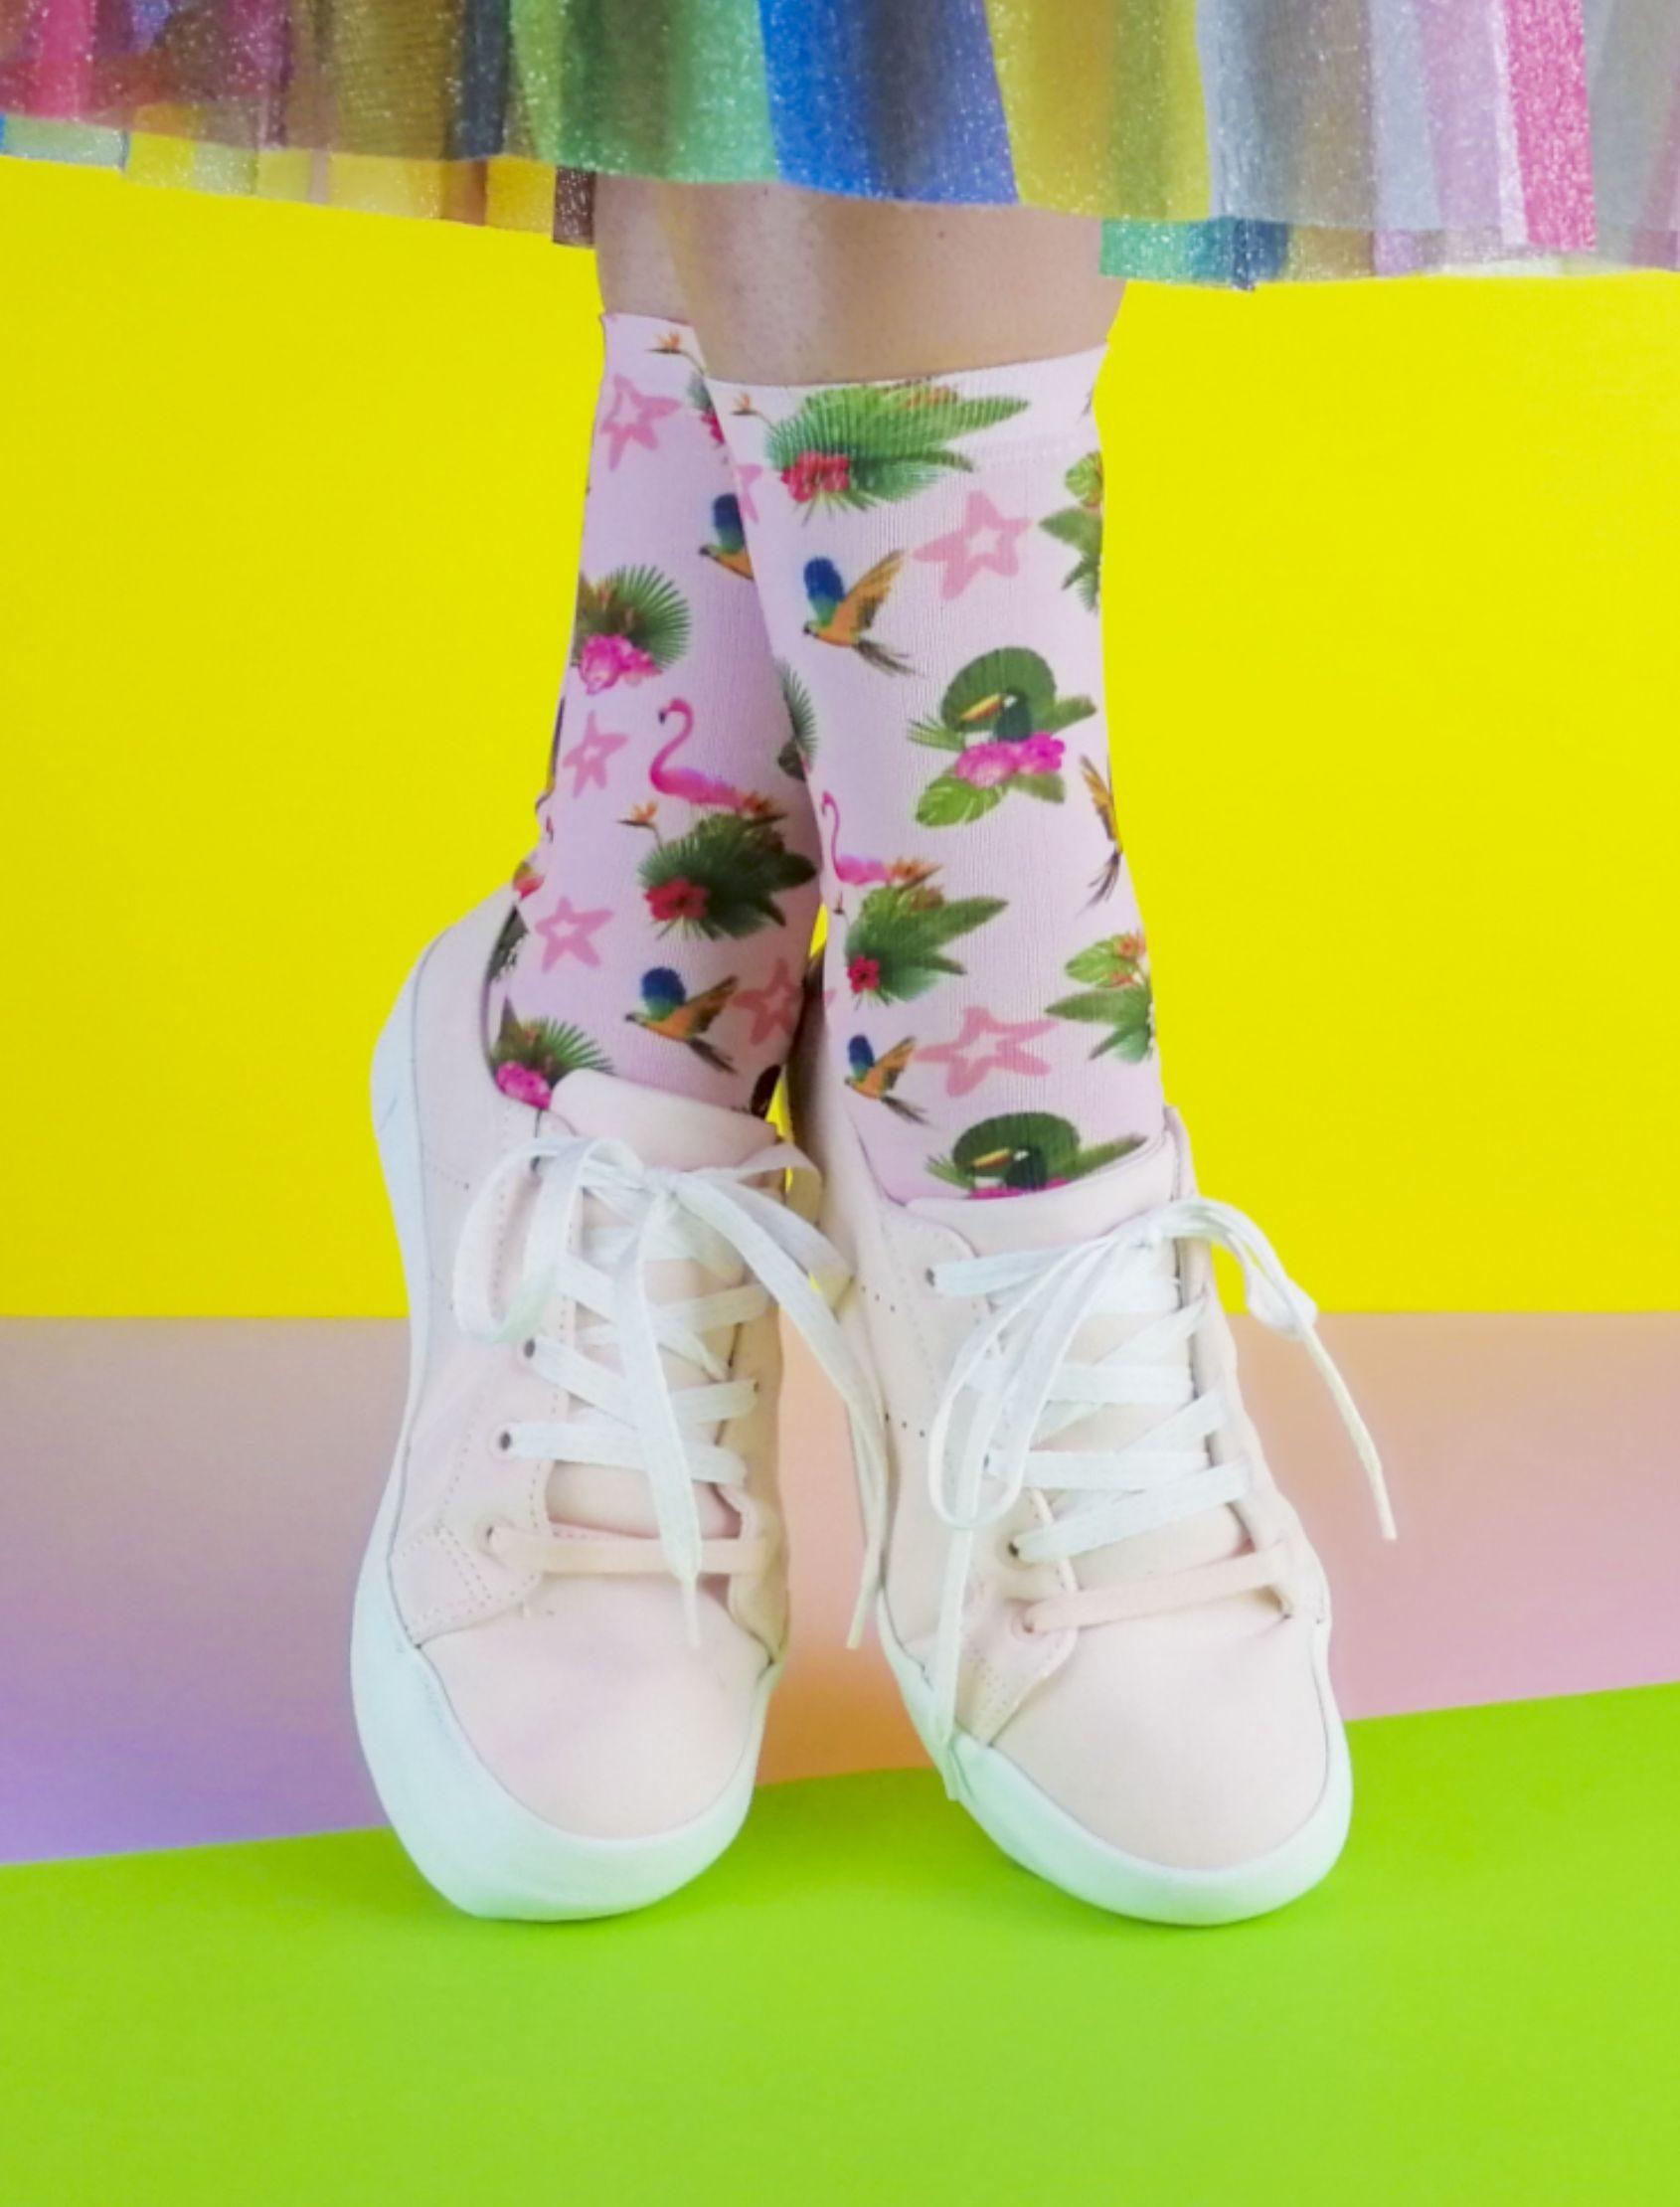 Calcetines tropic pajaros unisex con estampado multicolor